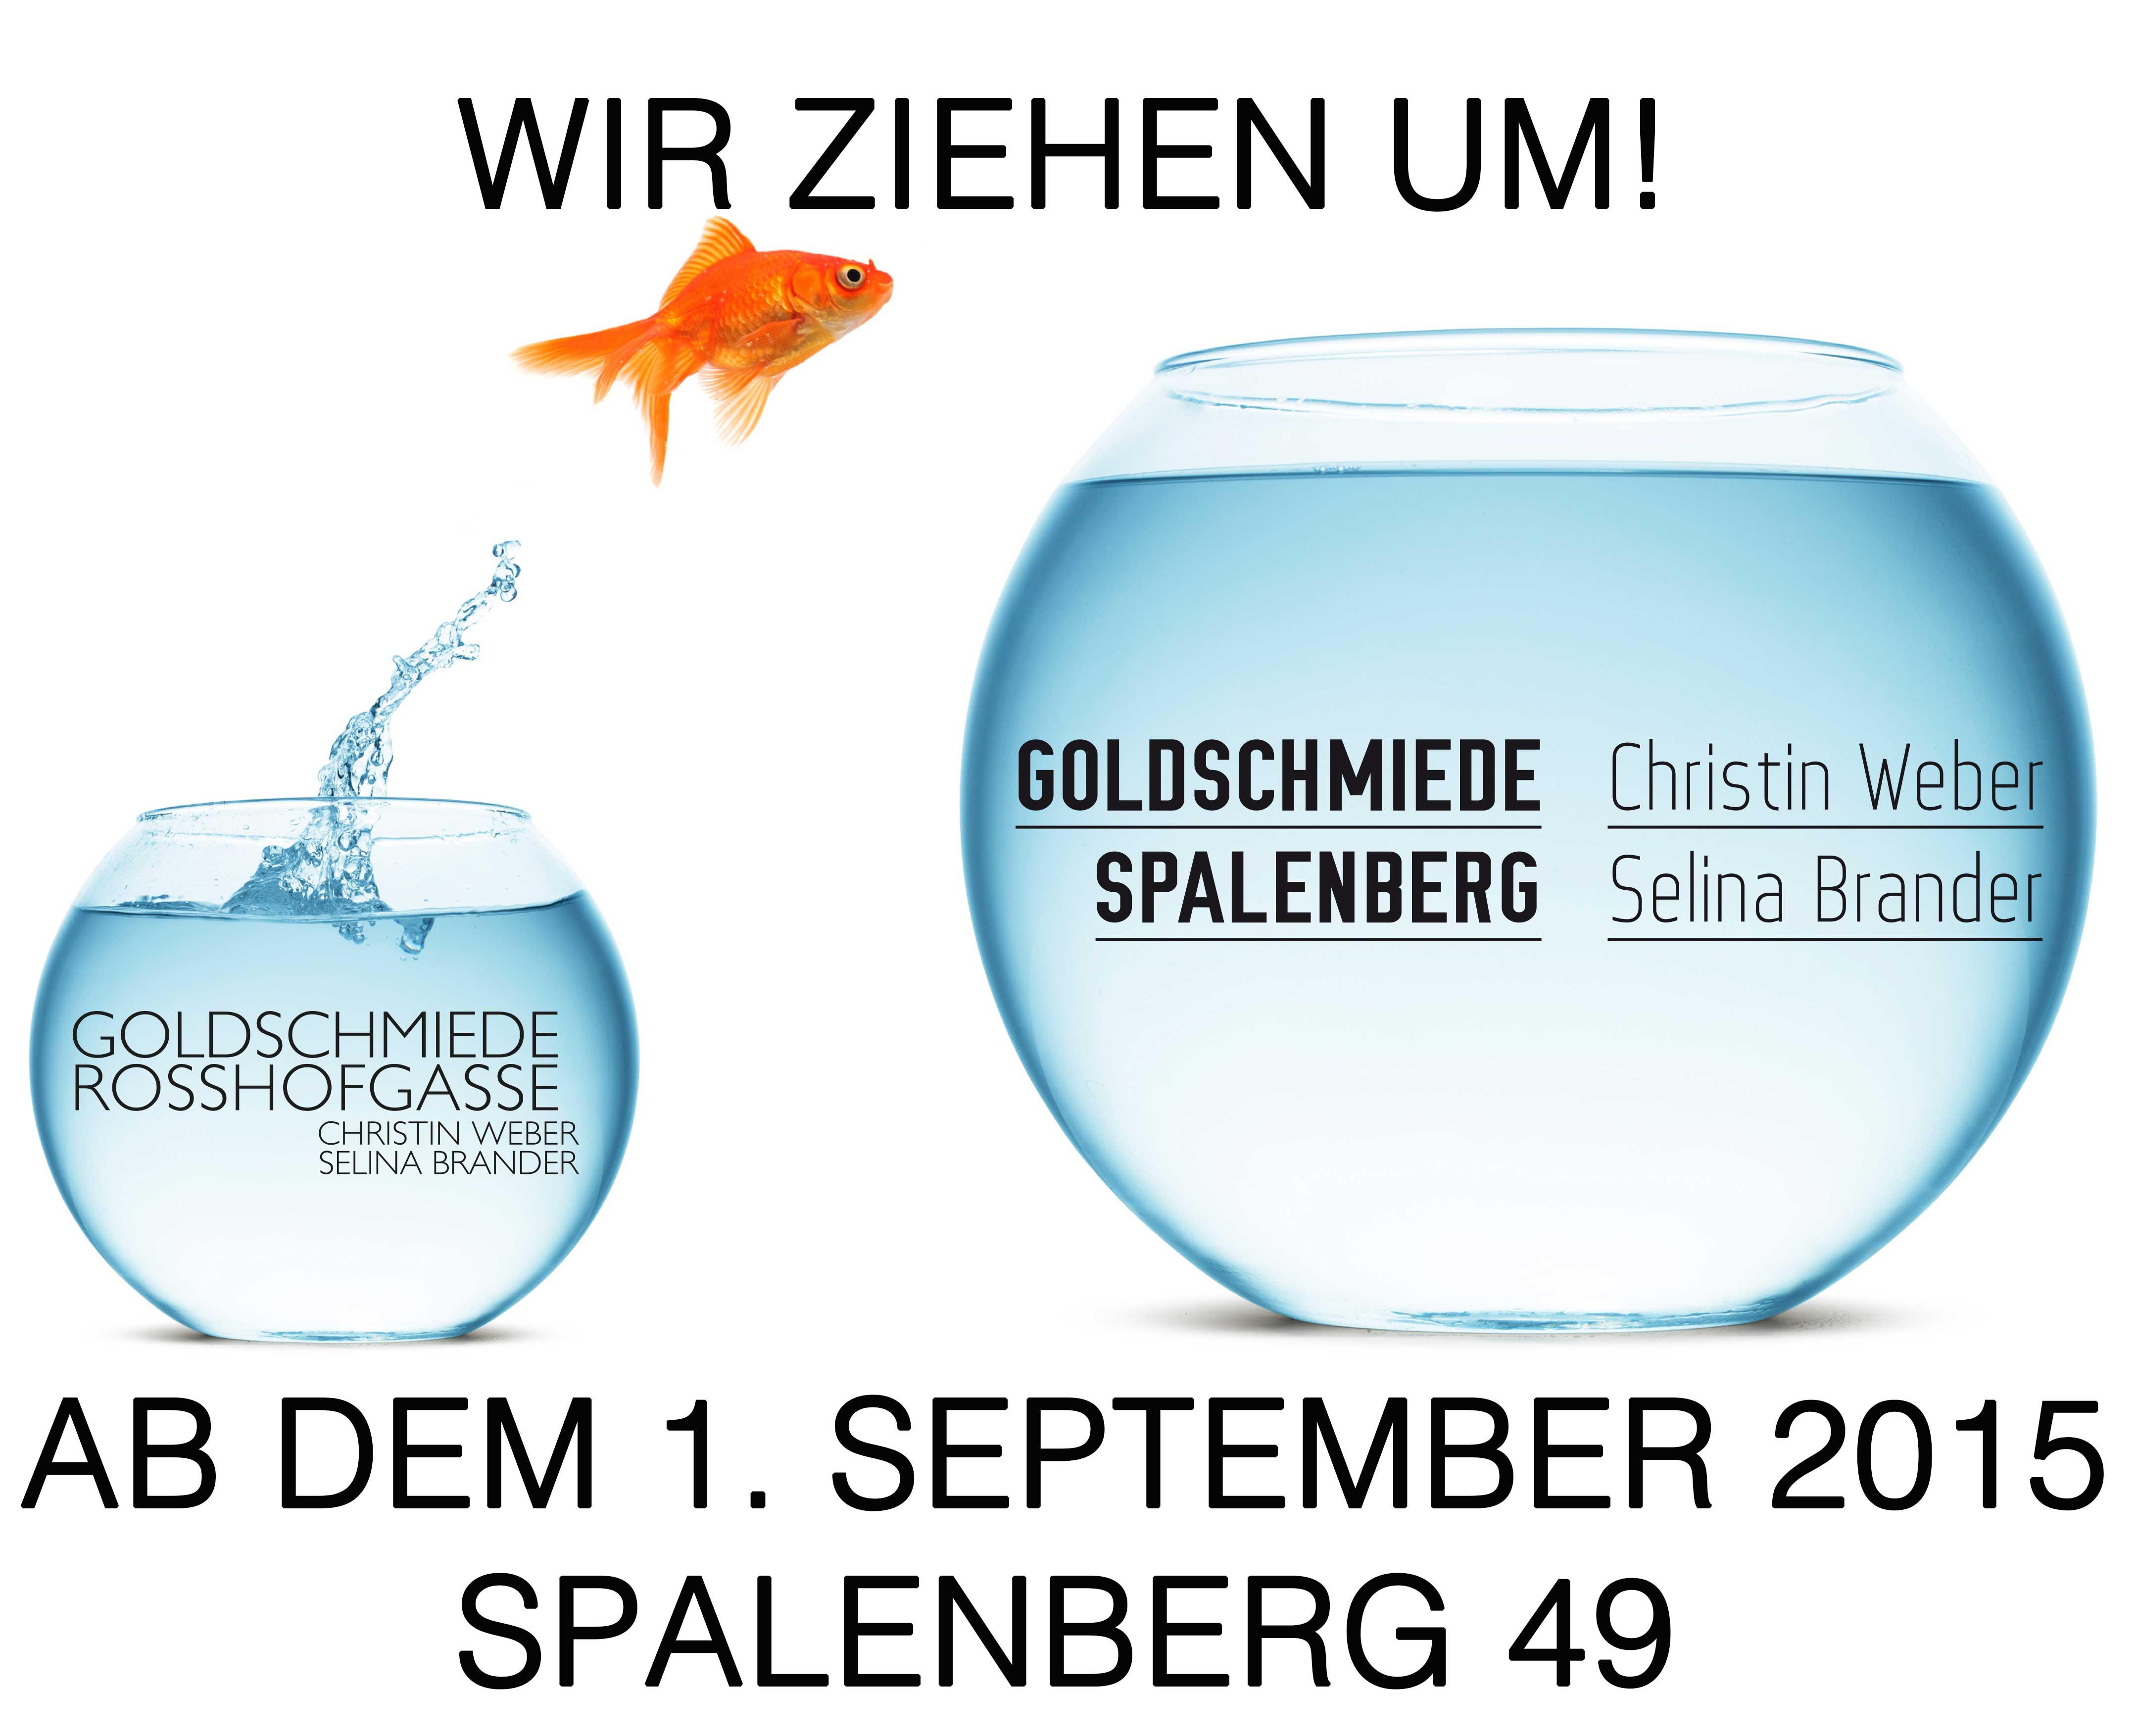 Umzug, Spalenberg, Rosshofgasse, Goldschmied, Basel, Schmuck, Trauringe